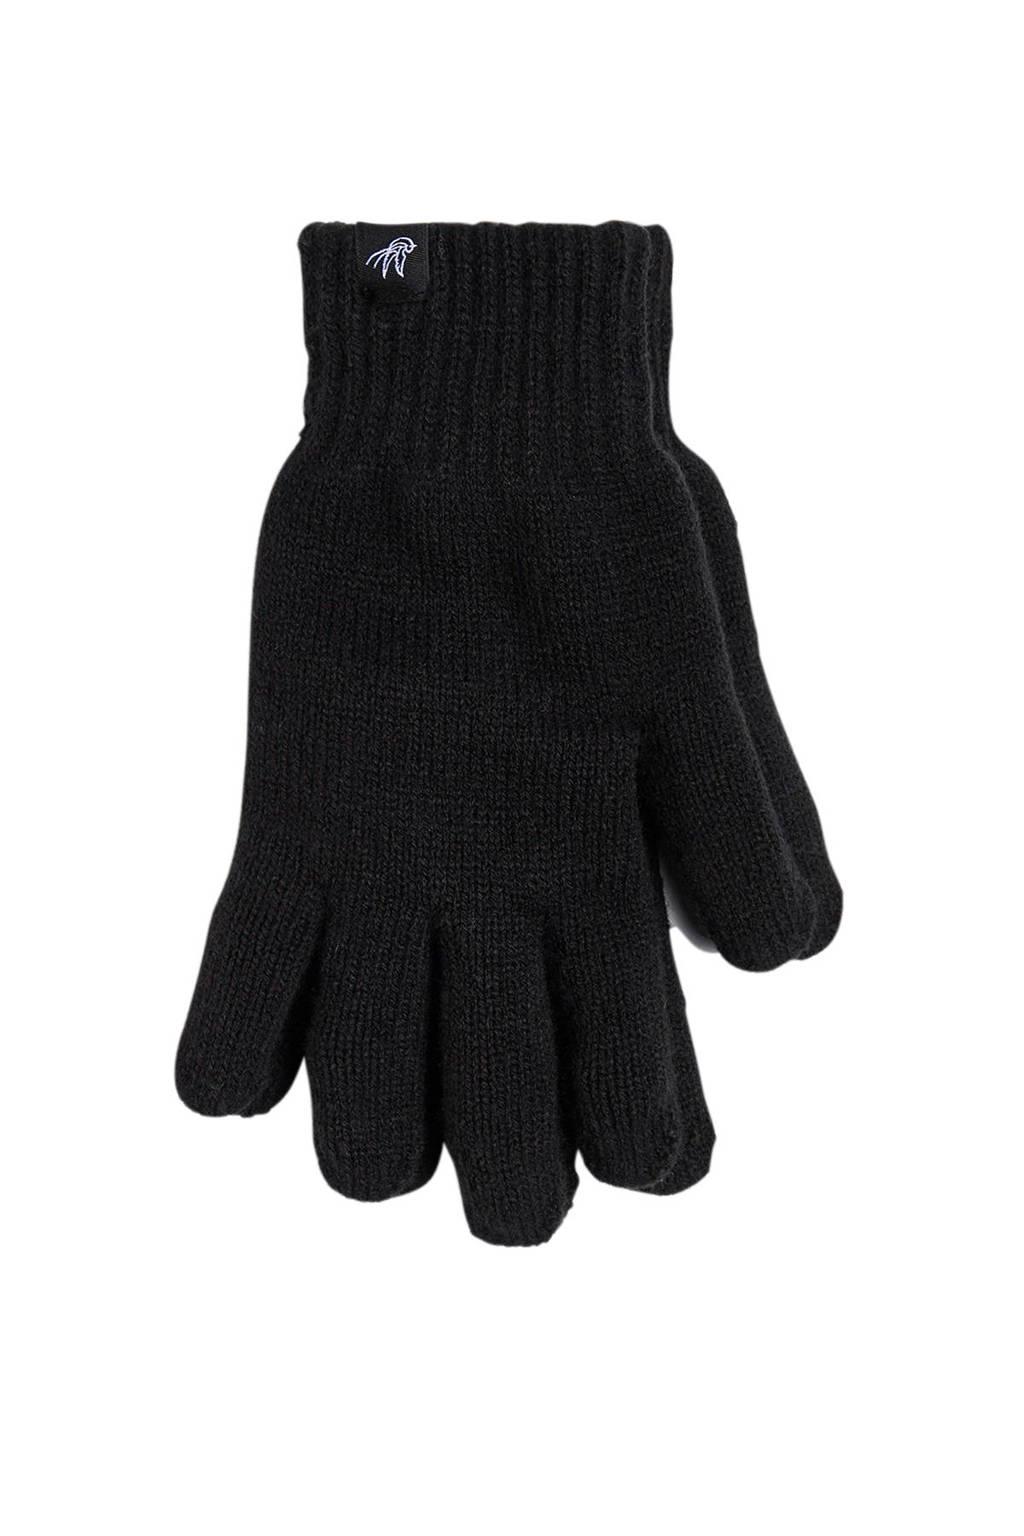 WE Fashion handschoenen zwart, Black Uni